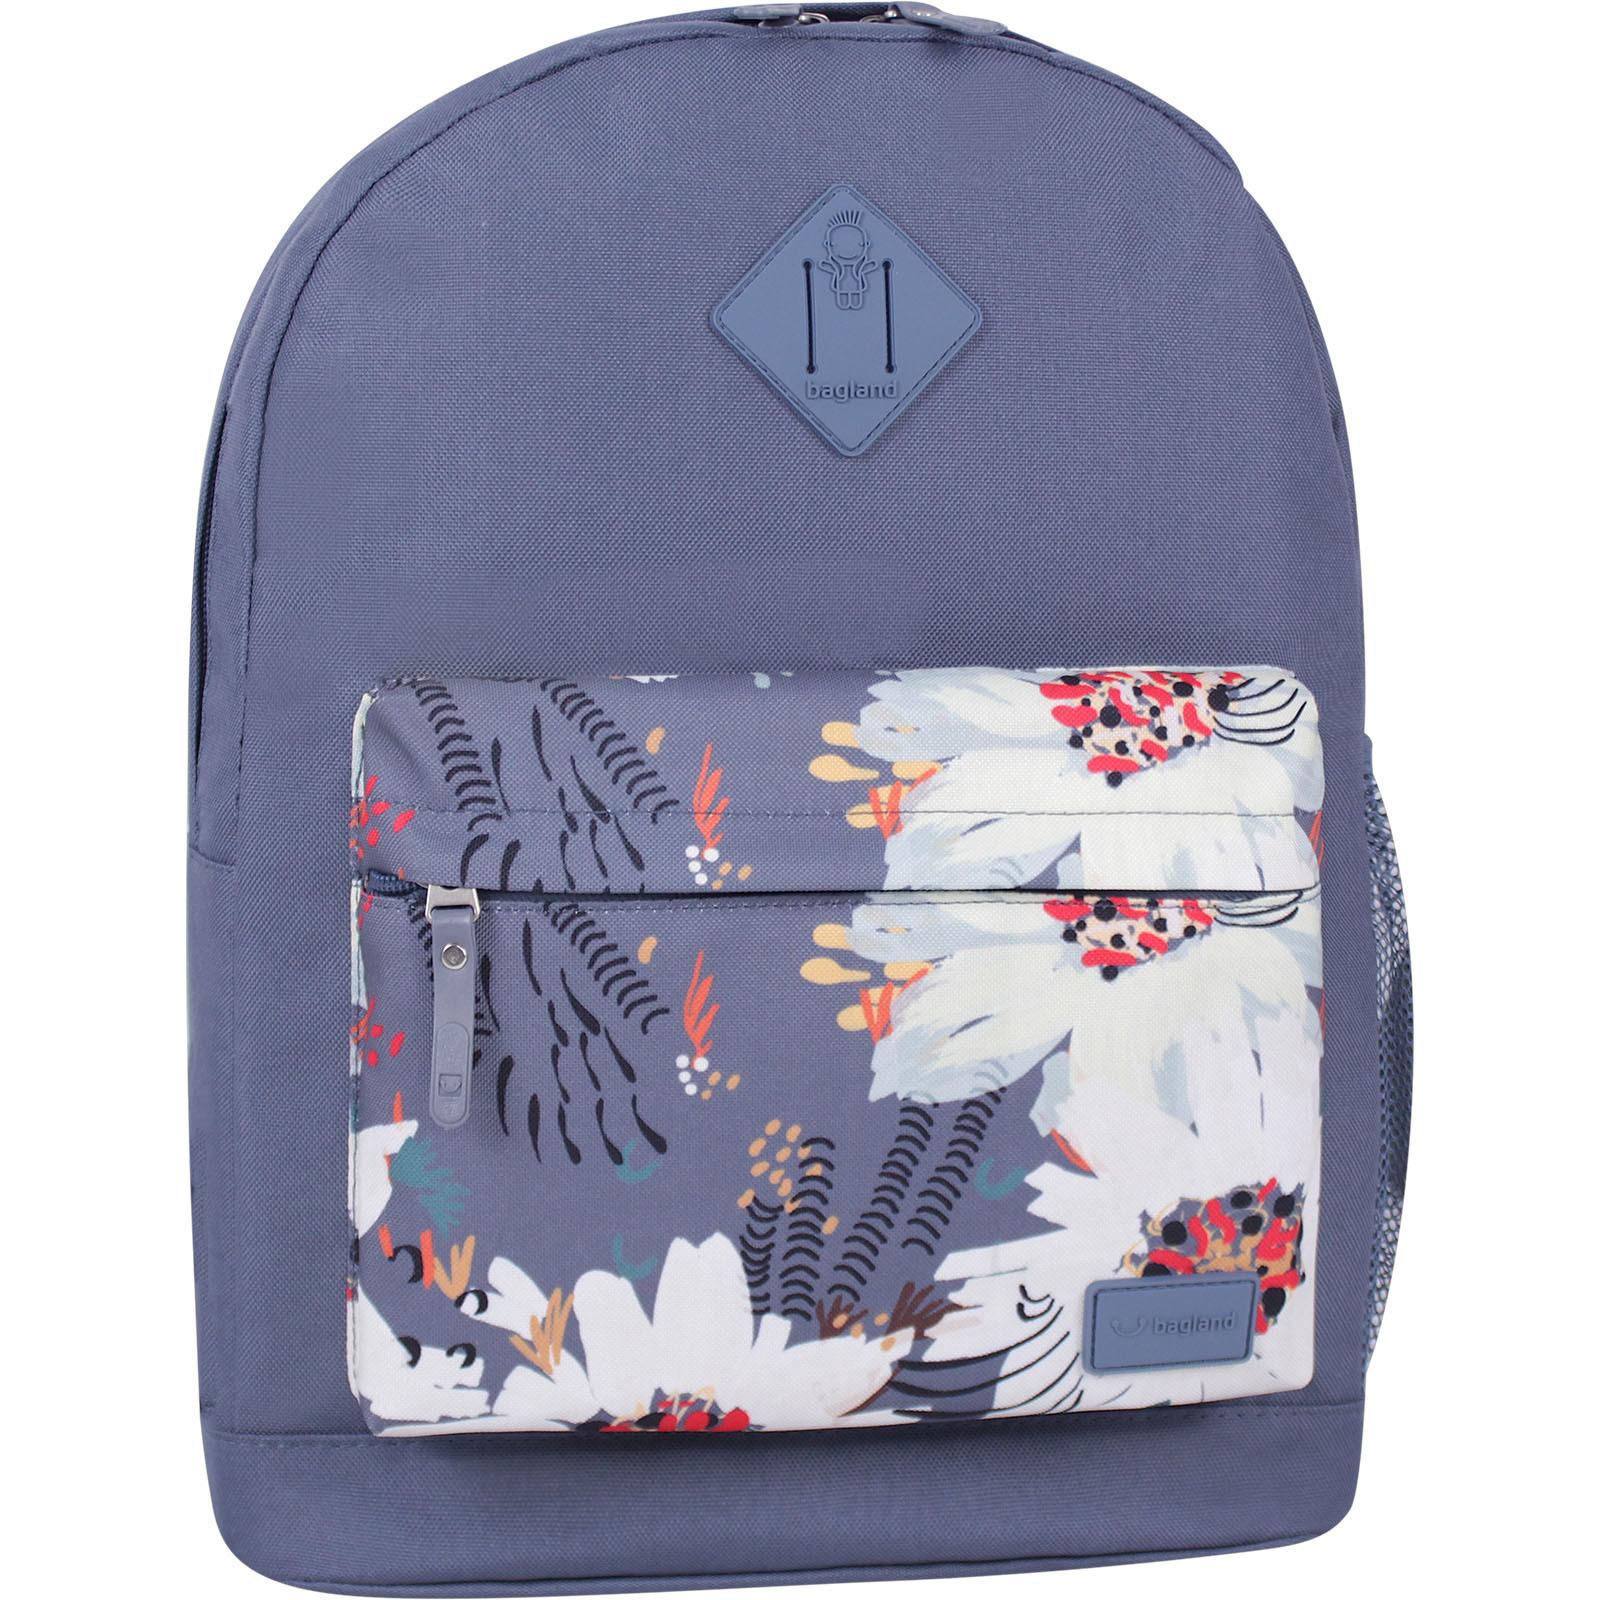 Молодежные рюкзаки Рюкзак Bagland Молодежный W/R 17 л. Серый 748 (00533662) IMG_6378_суб.748_-1600.jpg